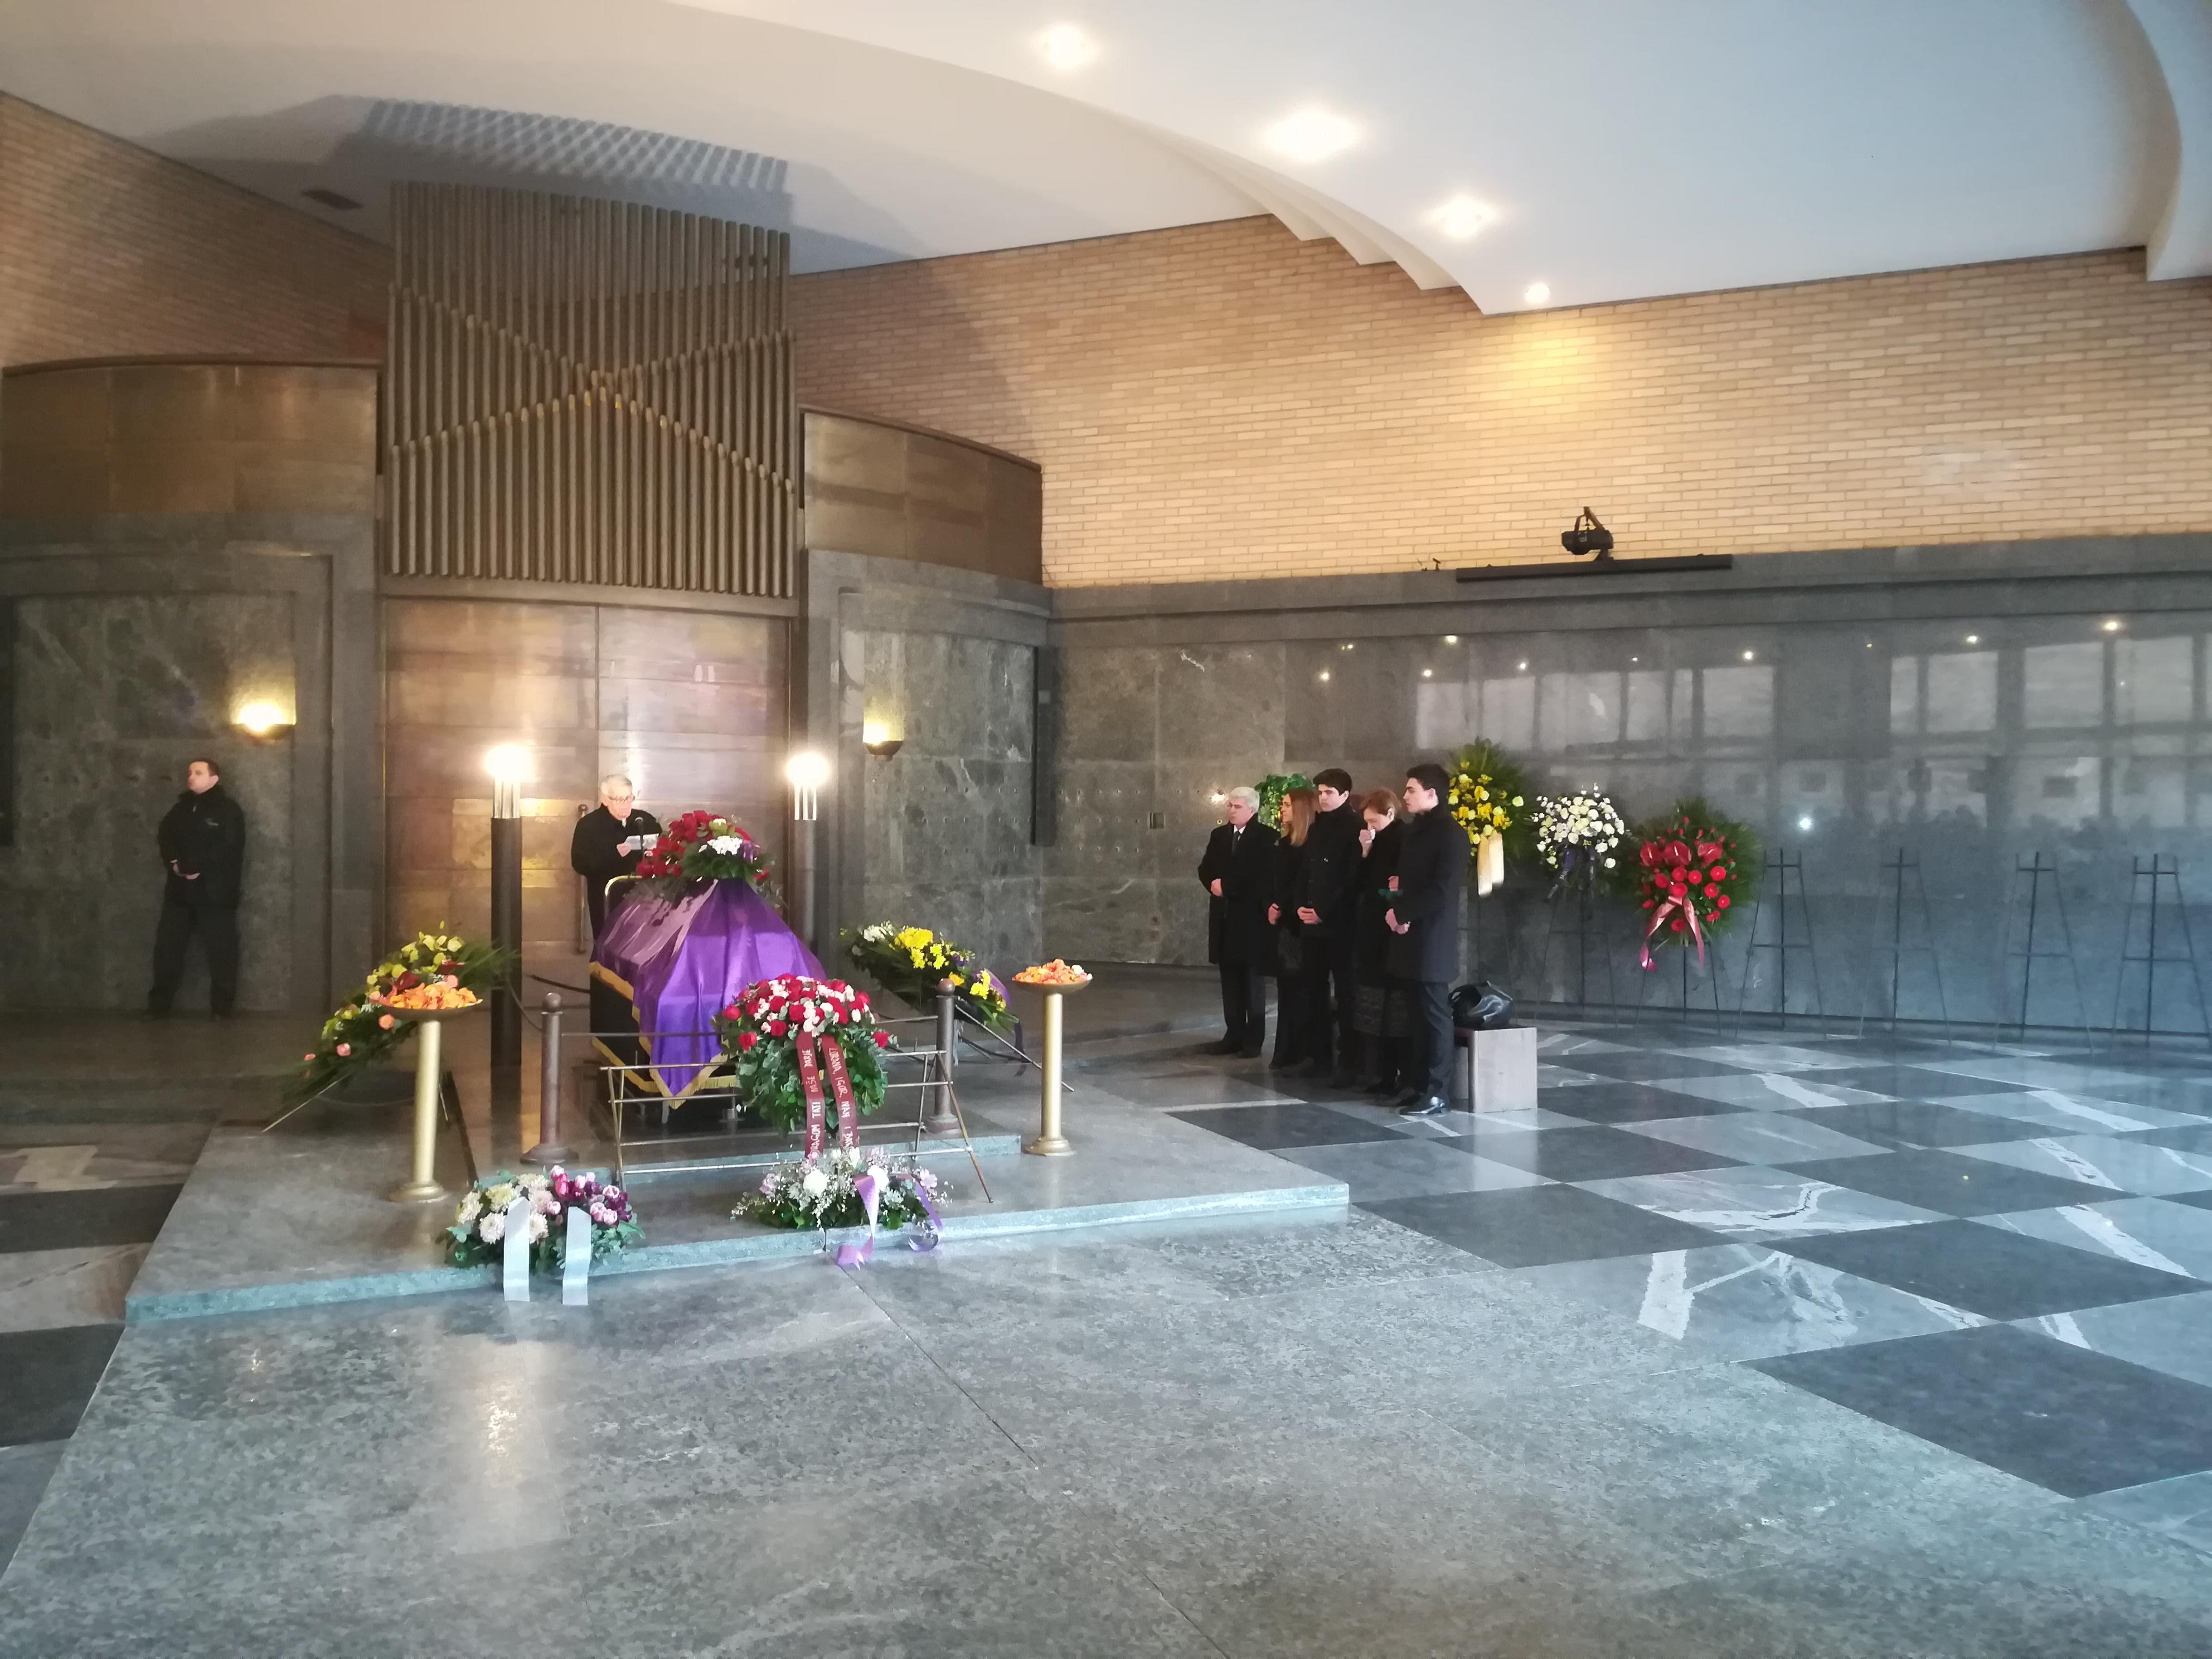 Sahrana Steve Maoduša, Krematorij, Zagreb, 11. 2. 2019. Radovan Radovinović drži govor. Foto: Marin Bakić